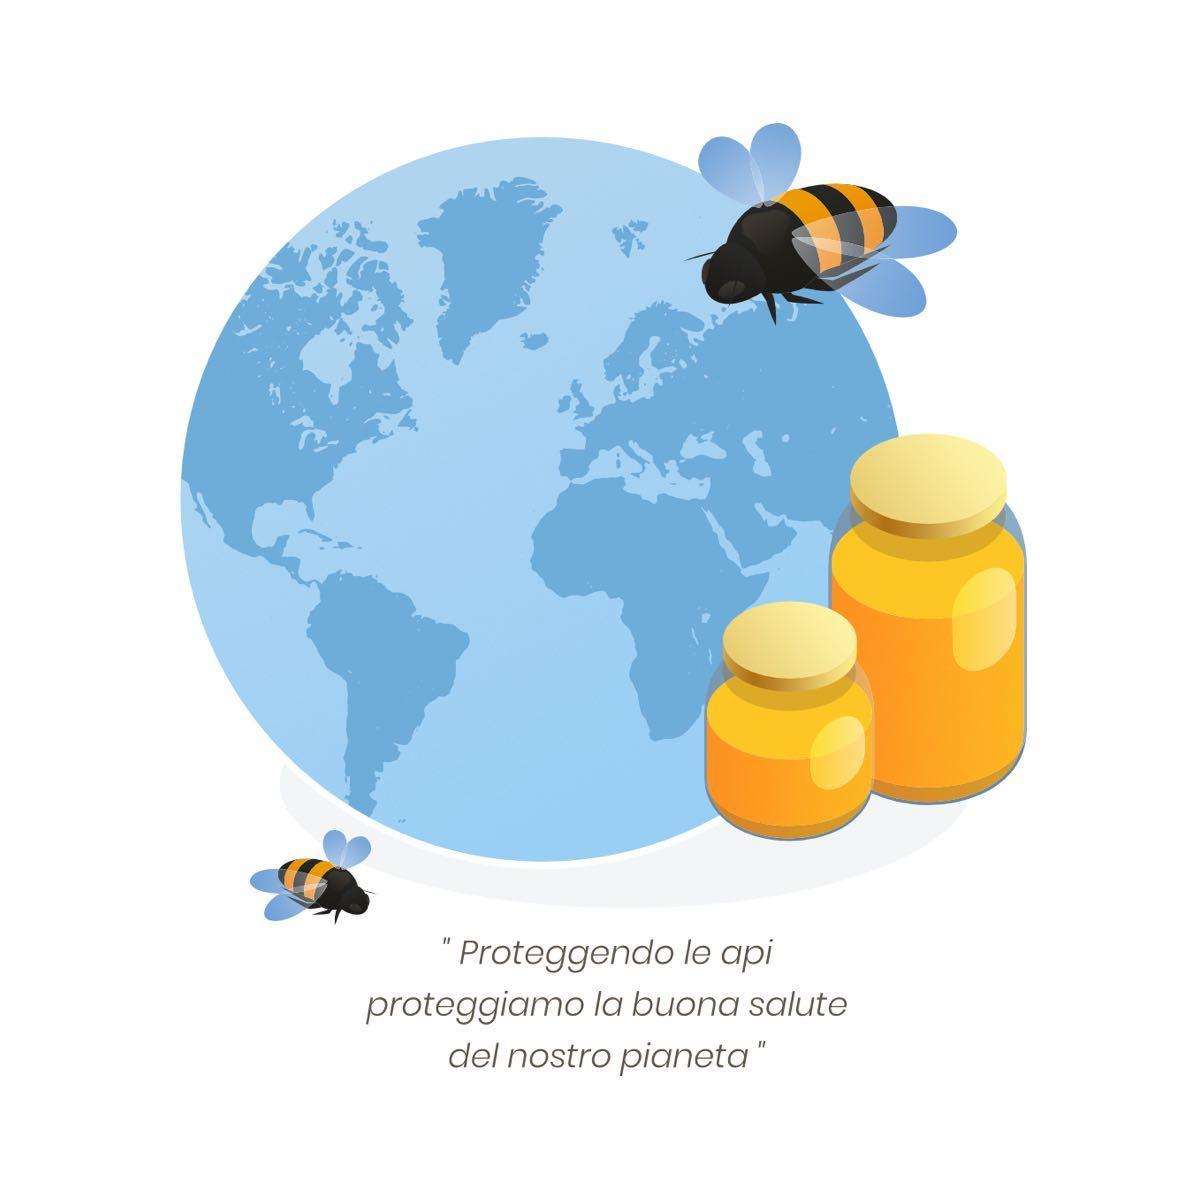 Il meraviglioso mondo dell'apicoltura